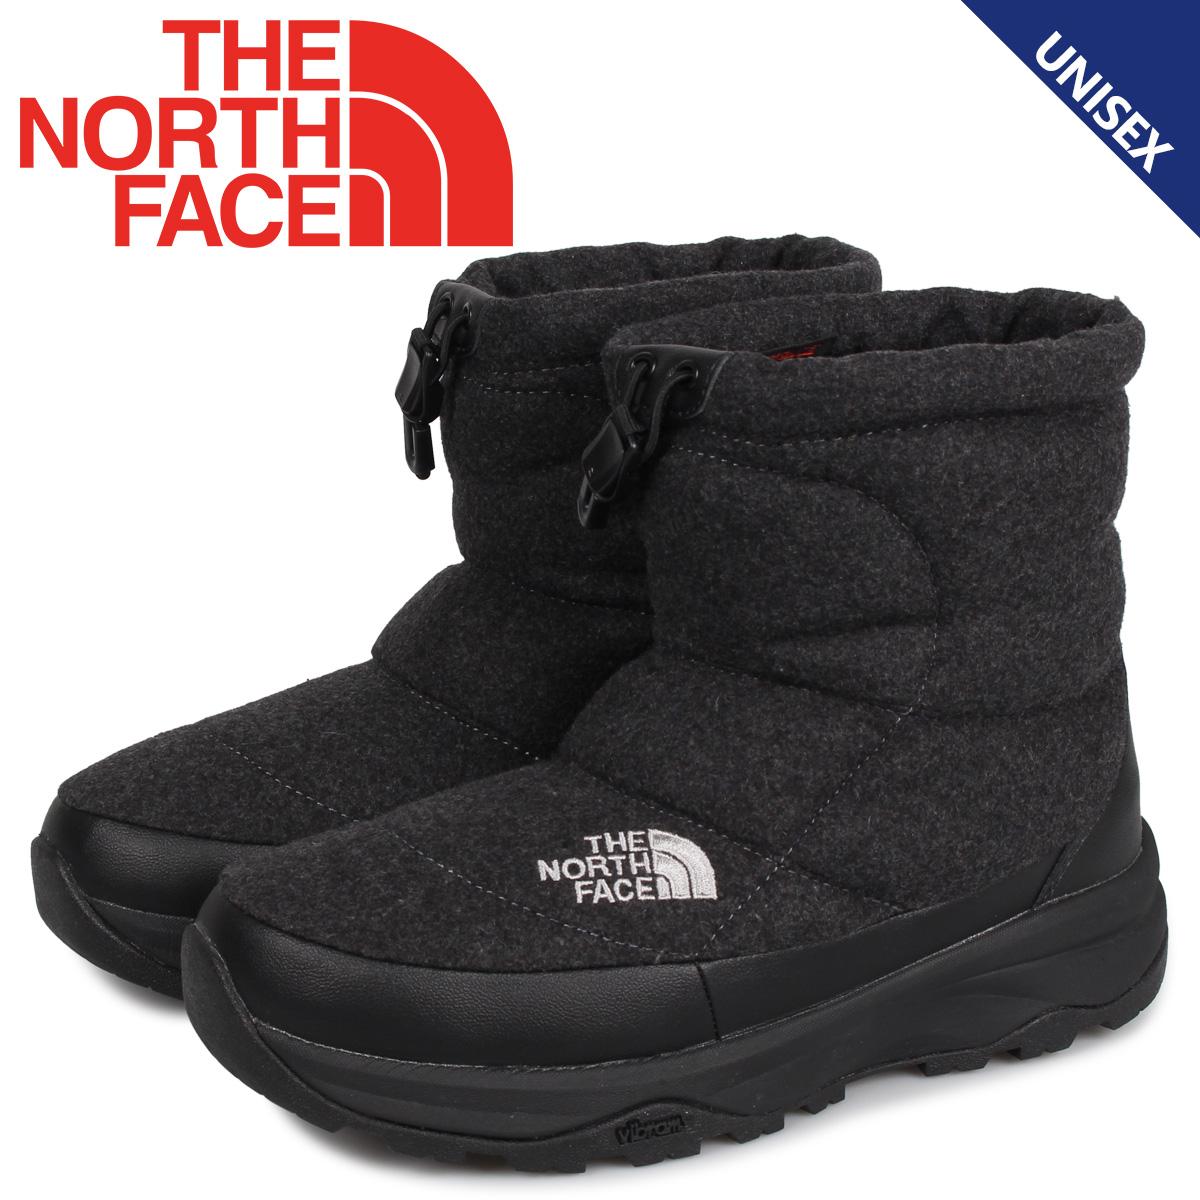 ノースフェイス THE NORTH FACE ヌプシ ブーティ ウール5 ショート ブーツ ウィンターブーツ メンズ レディース NUPTSE BOOTIE WOOL 5 SHORT チャコール グレー NF51979